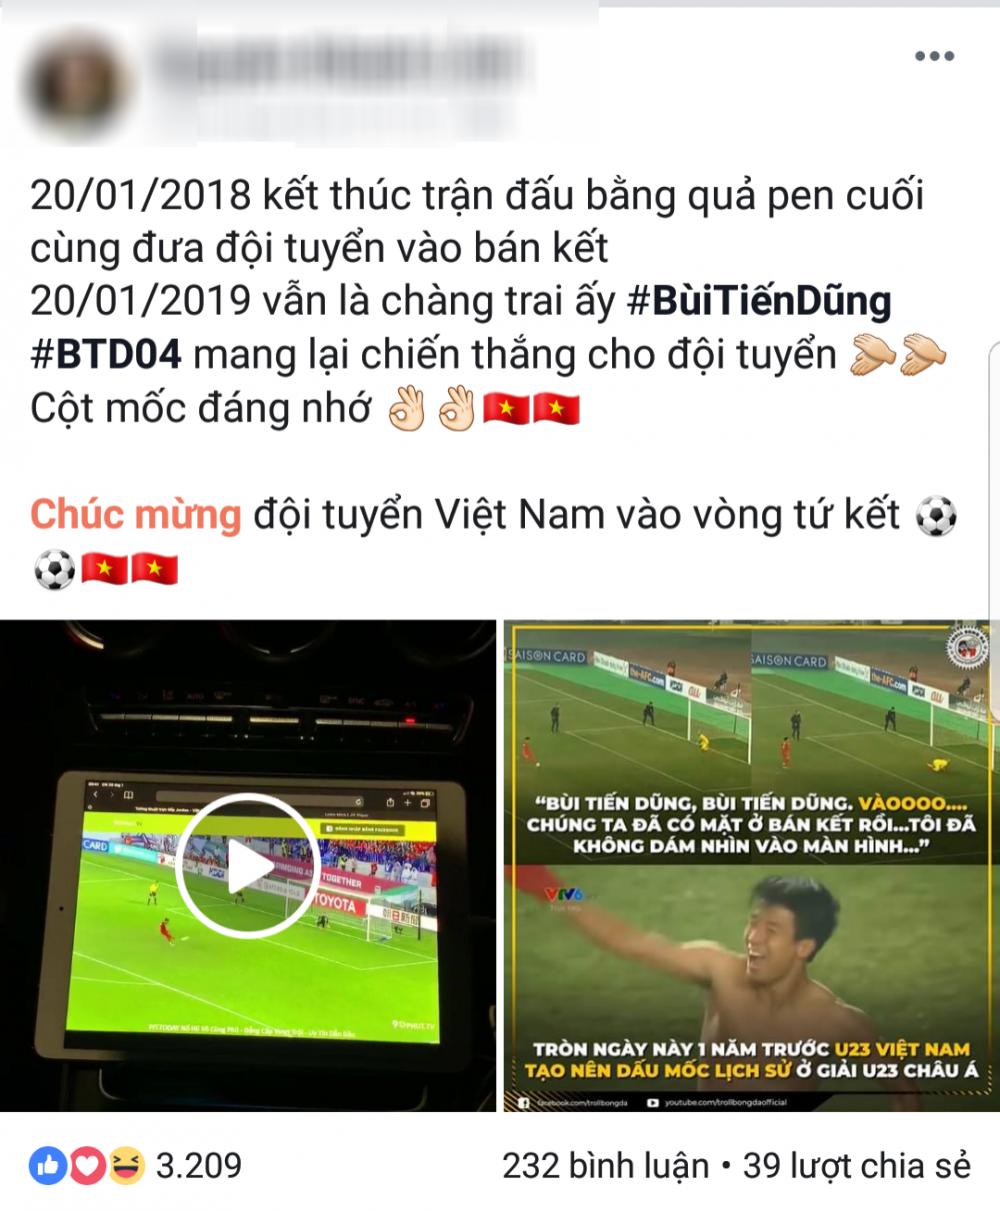 Khánh Linh đăng tải lời chúc mừng đến người yêu và đồng đội.